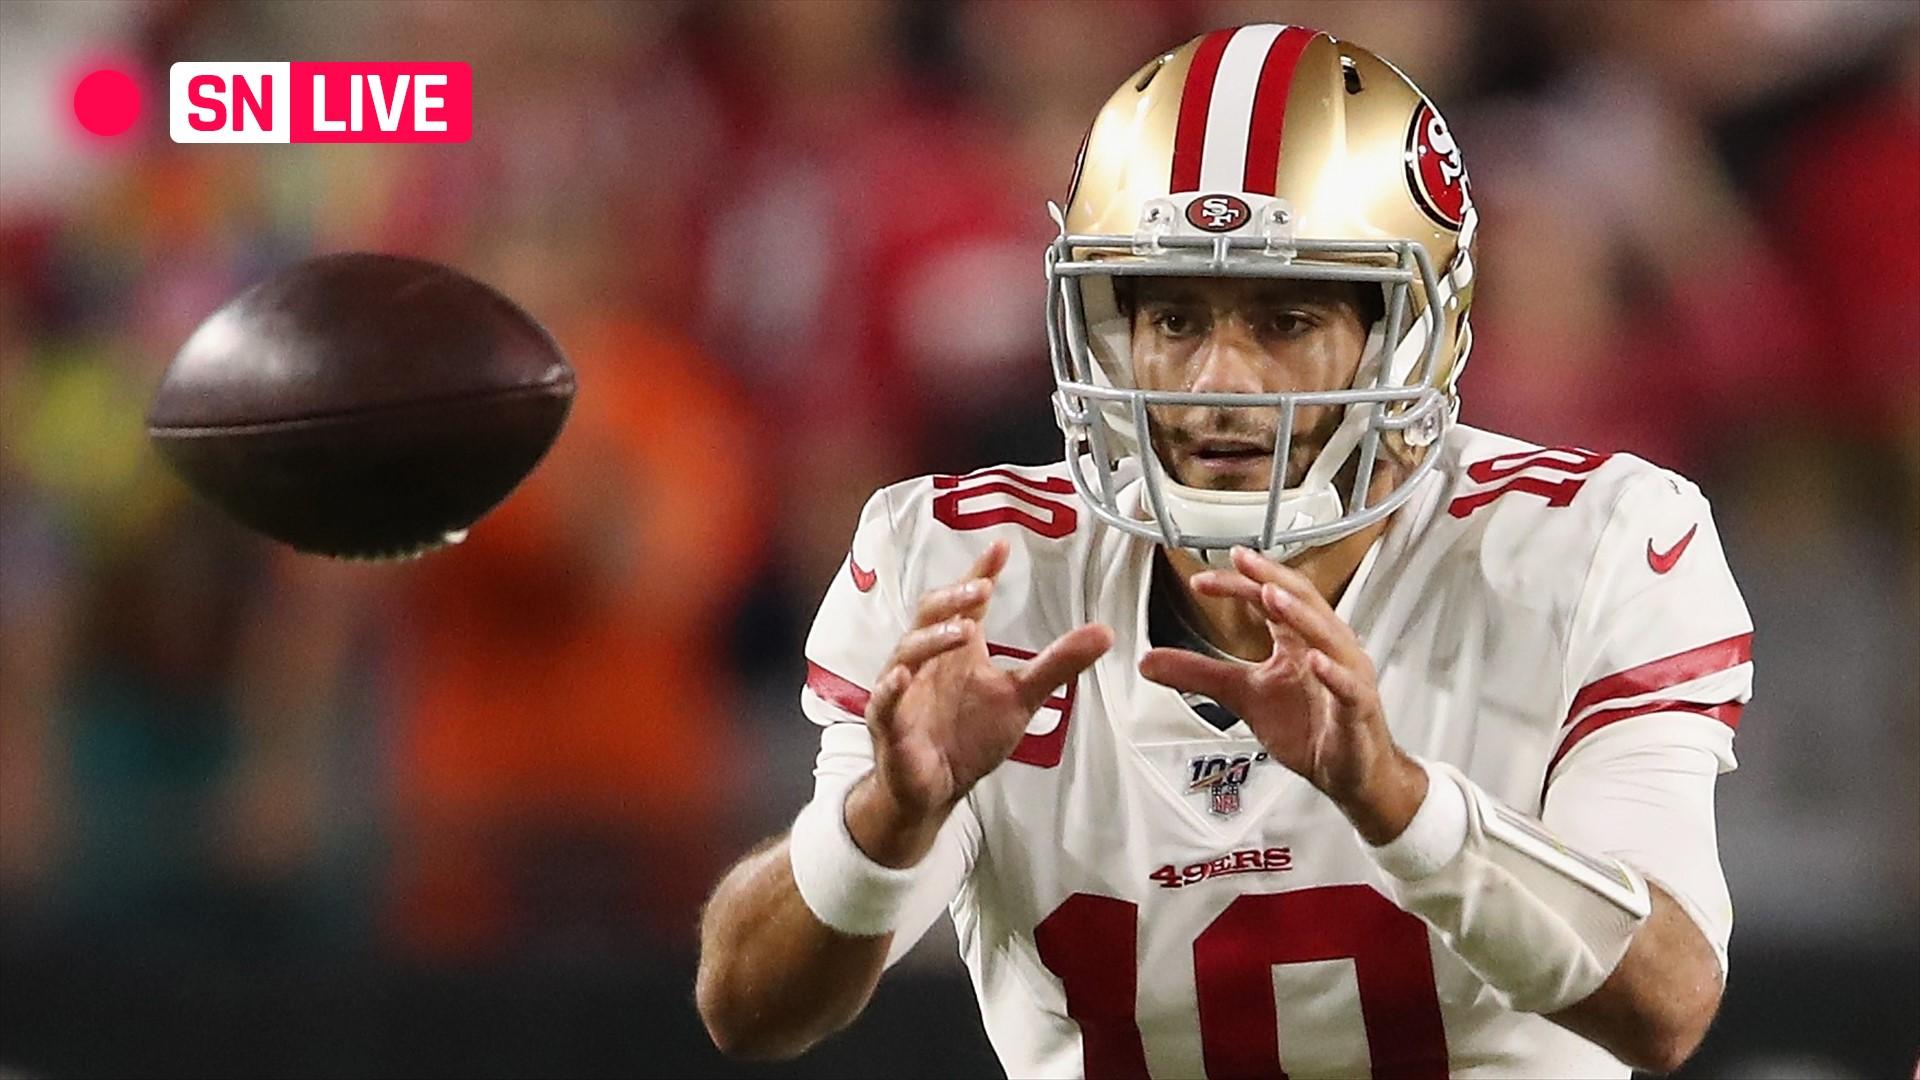 49ers vs. Saints: marcador en vivo, actualizaciones, momentos destacados del partido del domingo 2